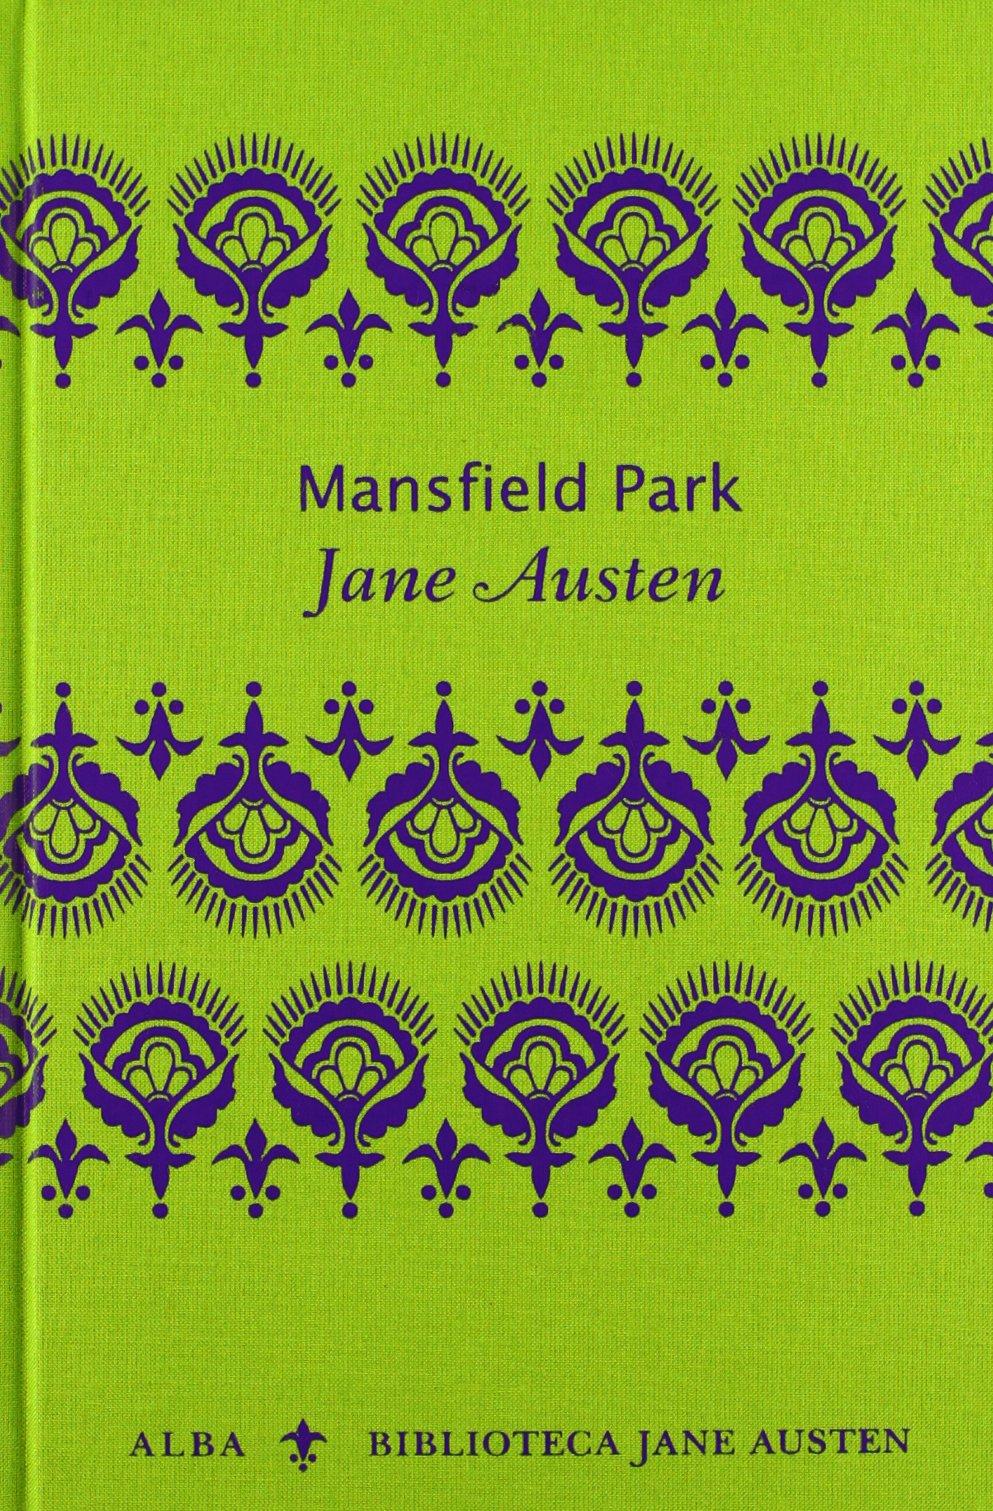 Jane austen (estuche) (N.Biblioteca Jane Austen): Amazon.es: Austen, Jane: Libros